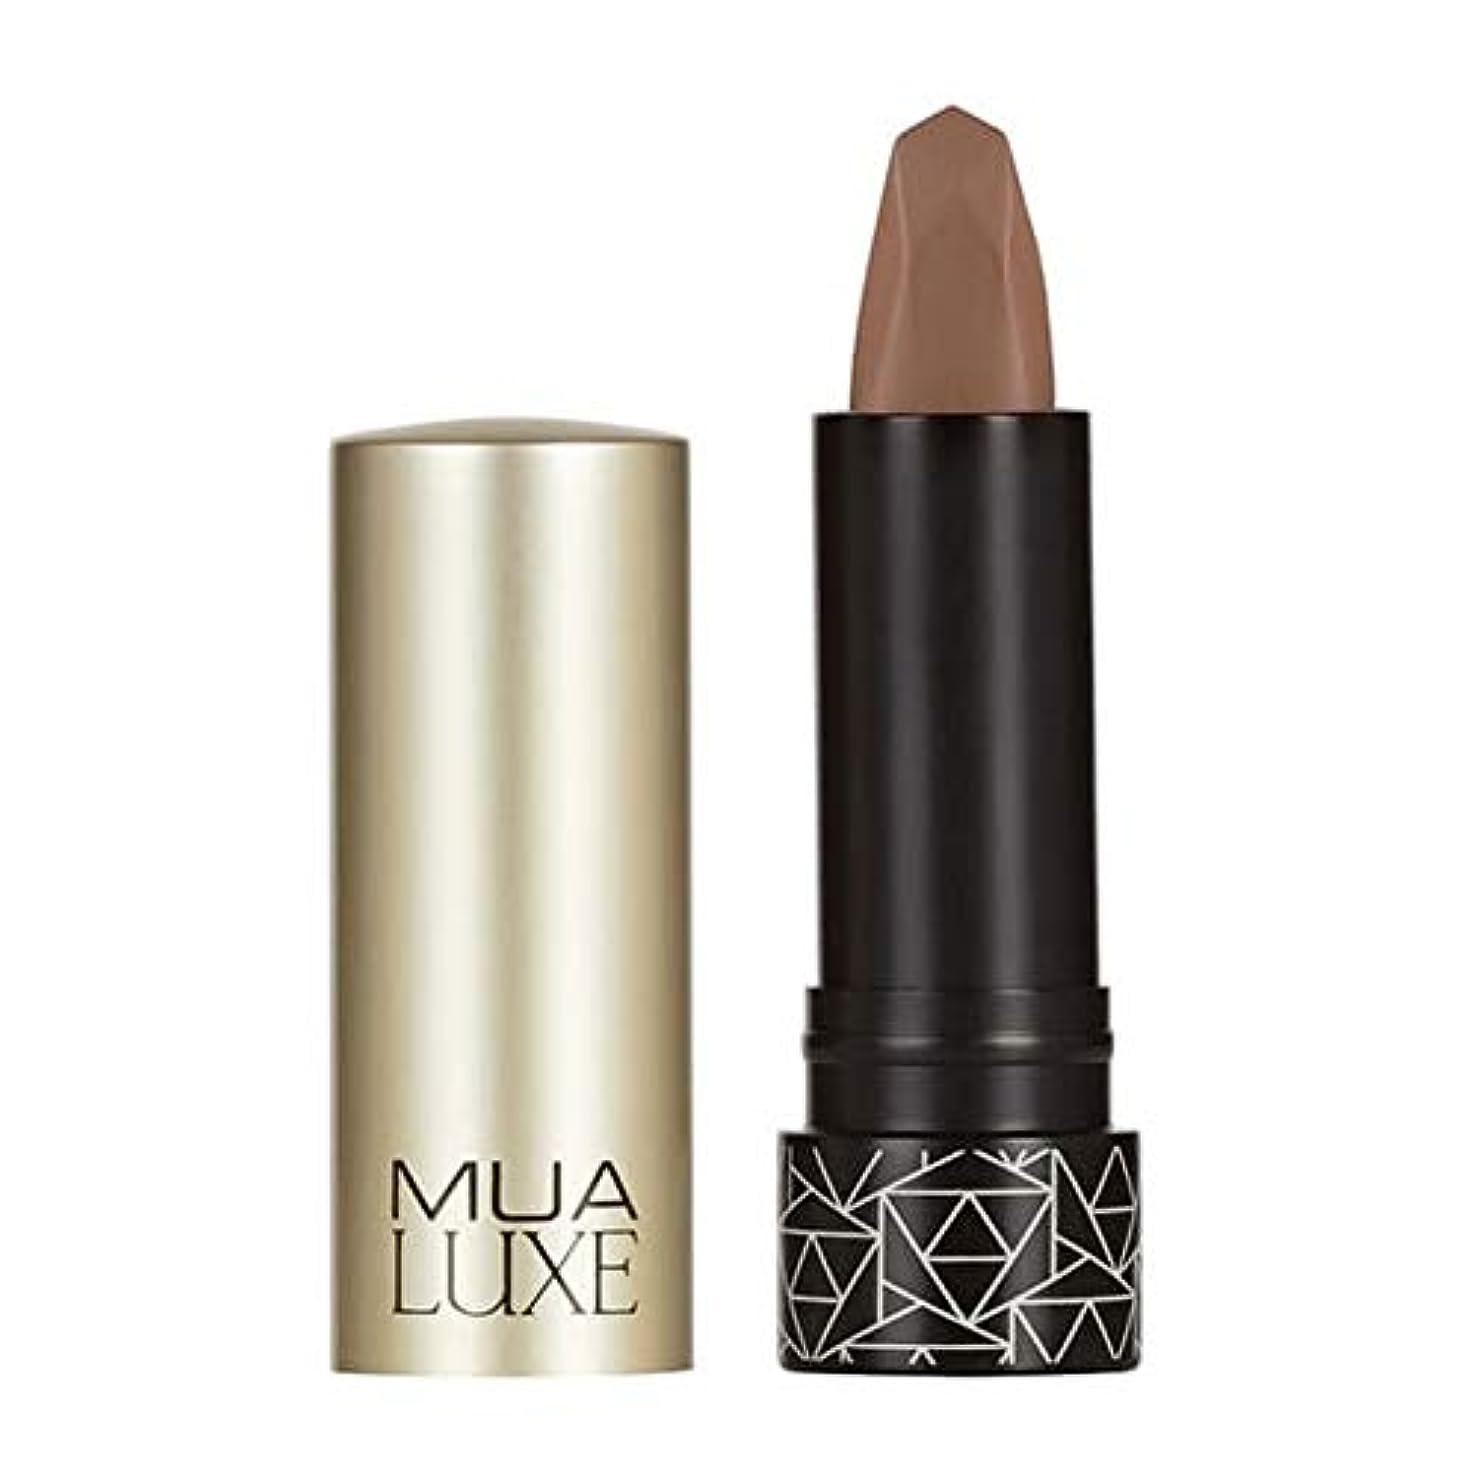 盆遡るランドマーク[MUA] Muaラックスベルベットマットリップスティック#6 - MUA Luxe Velvet Matte Lipstick #6 [並行輸入品]